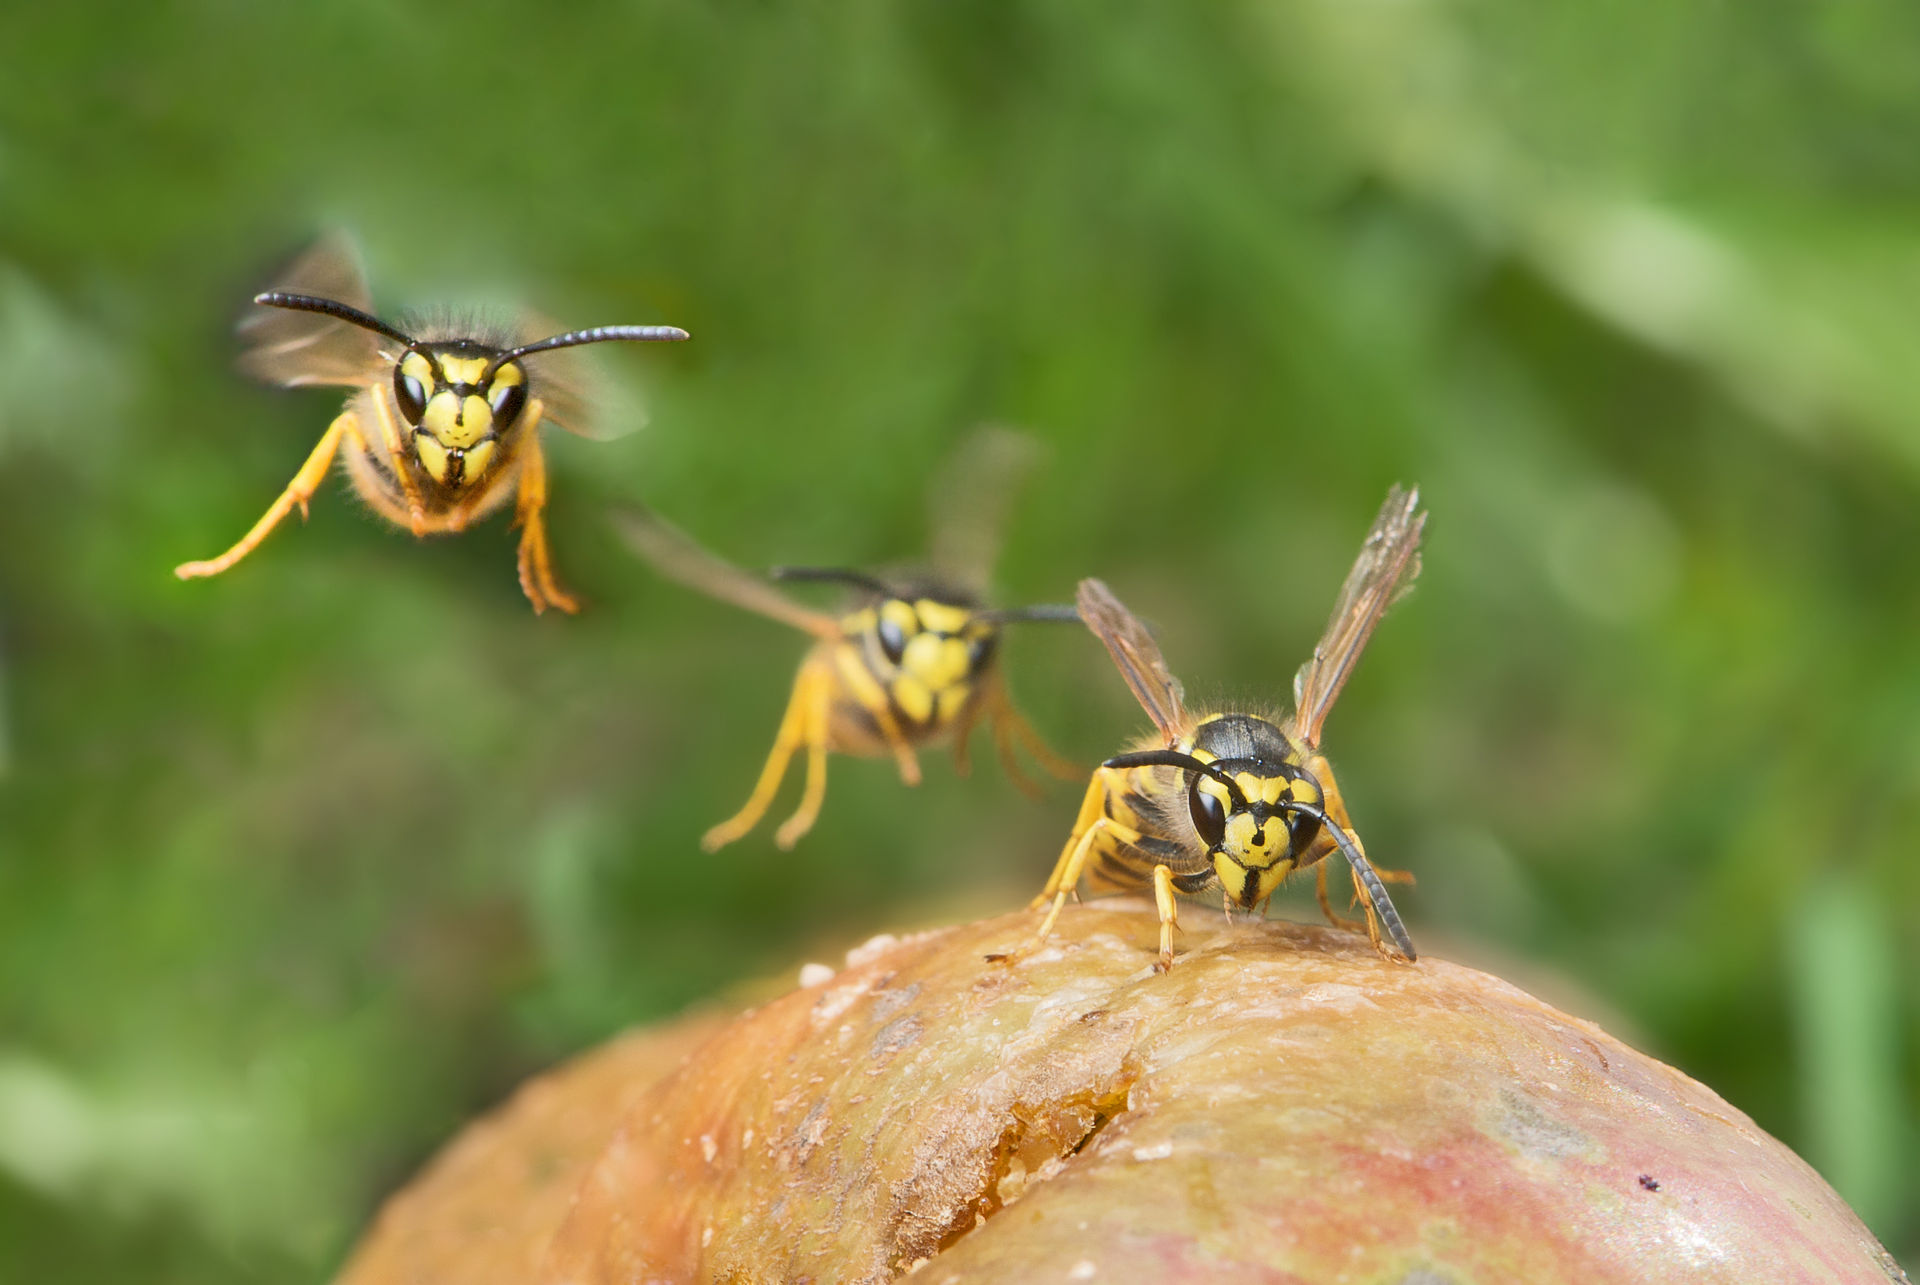 Stehen Wespen Unter Naturschutz : sommerzeit ist wespenzeit freiwillige feuerwehr ~ Whattoseeinmadrid.com Haus und Dekorationen